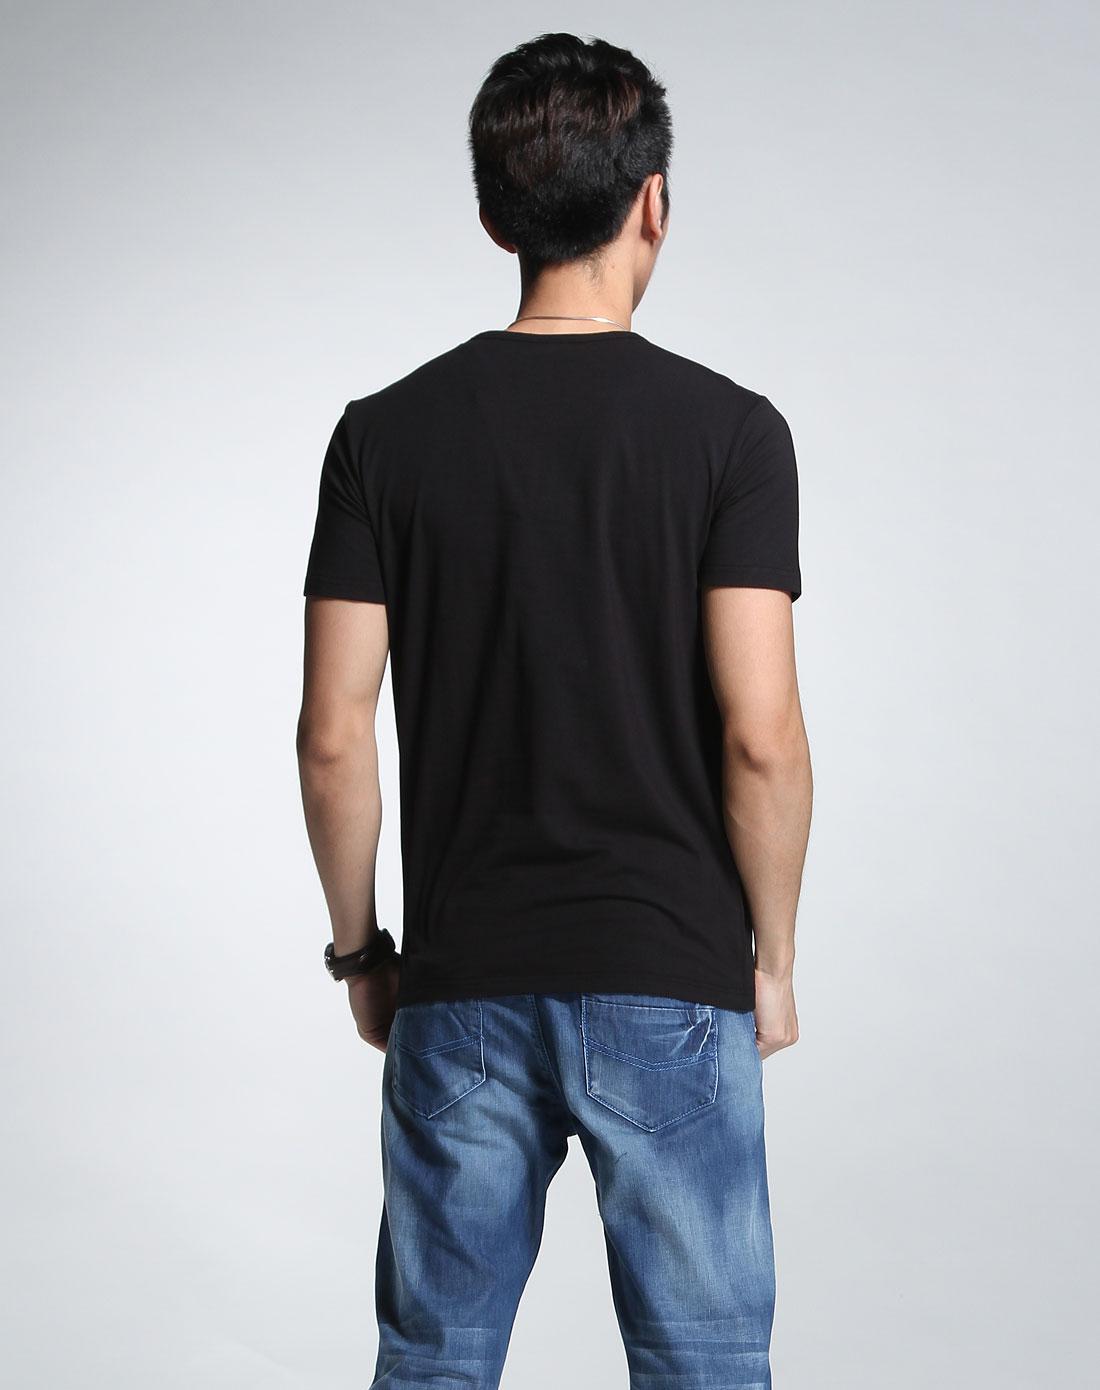 黑衣服设计图案